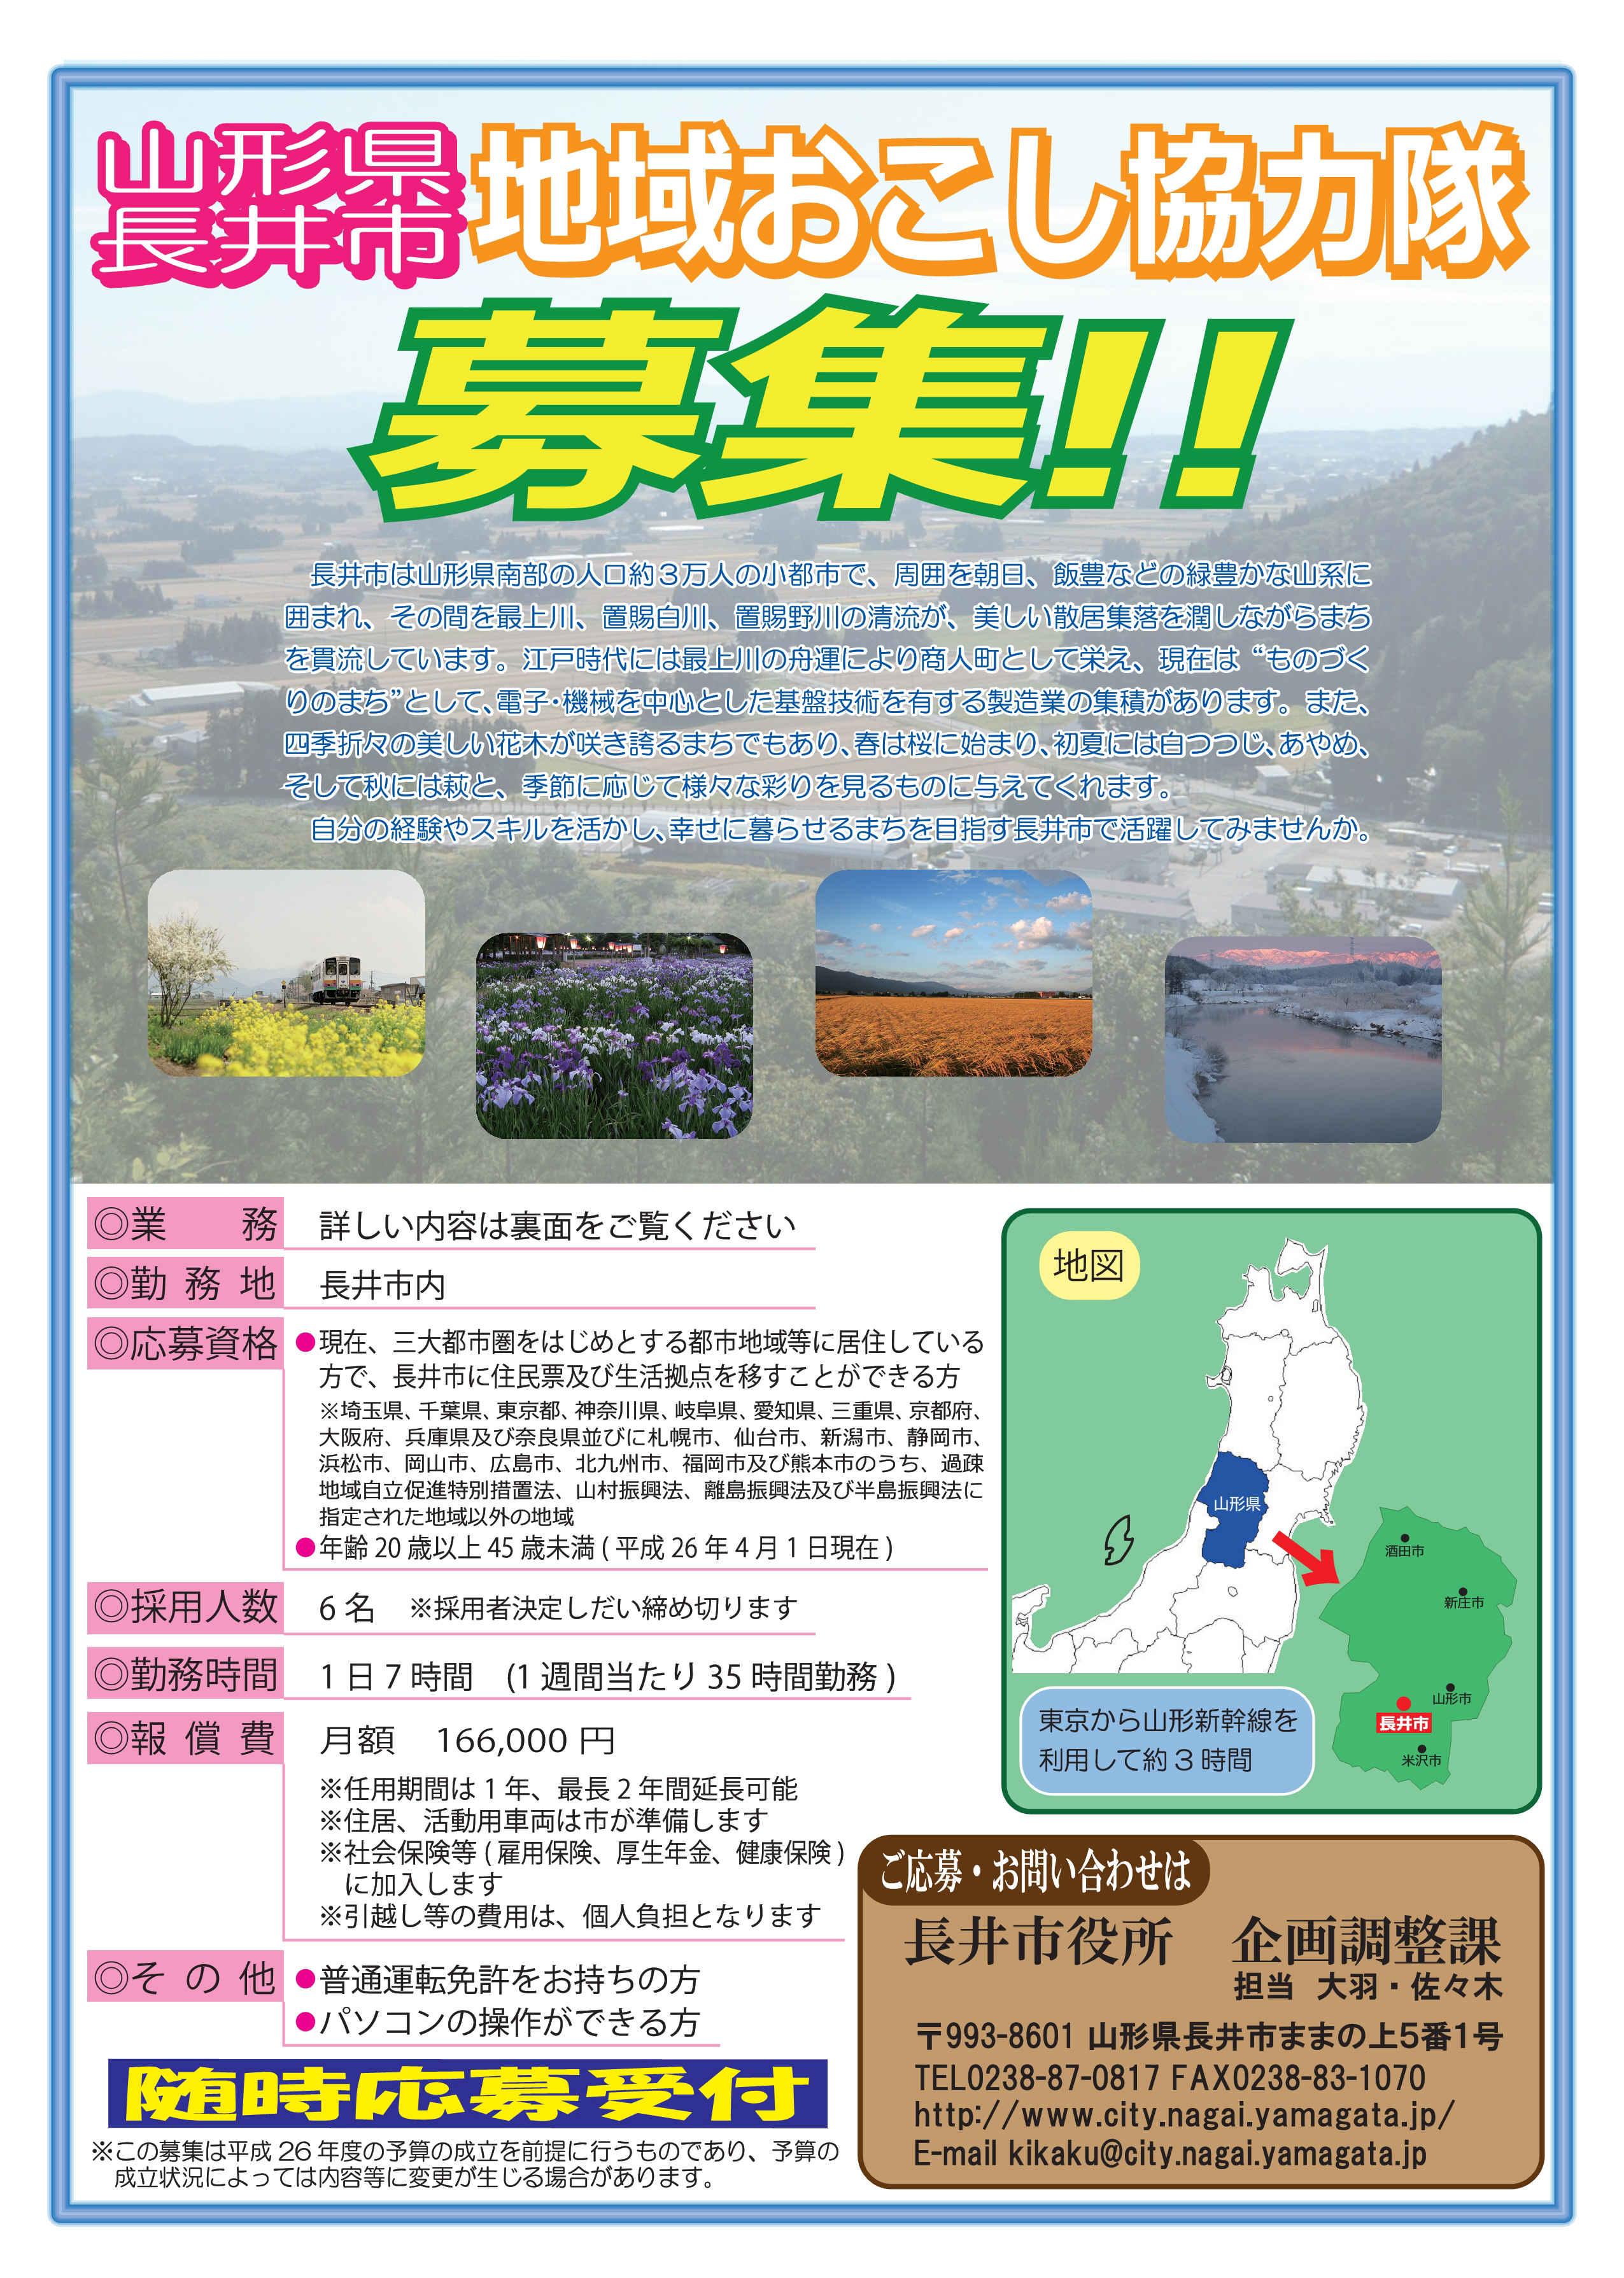 長井市地域おこし協力隊を募集します。:画像